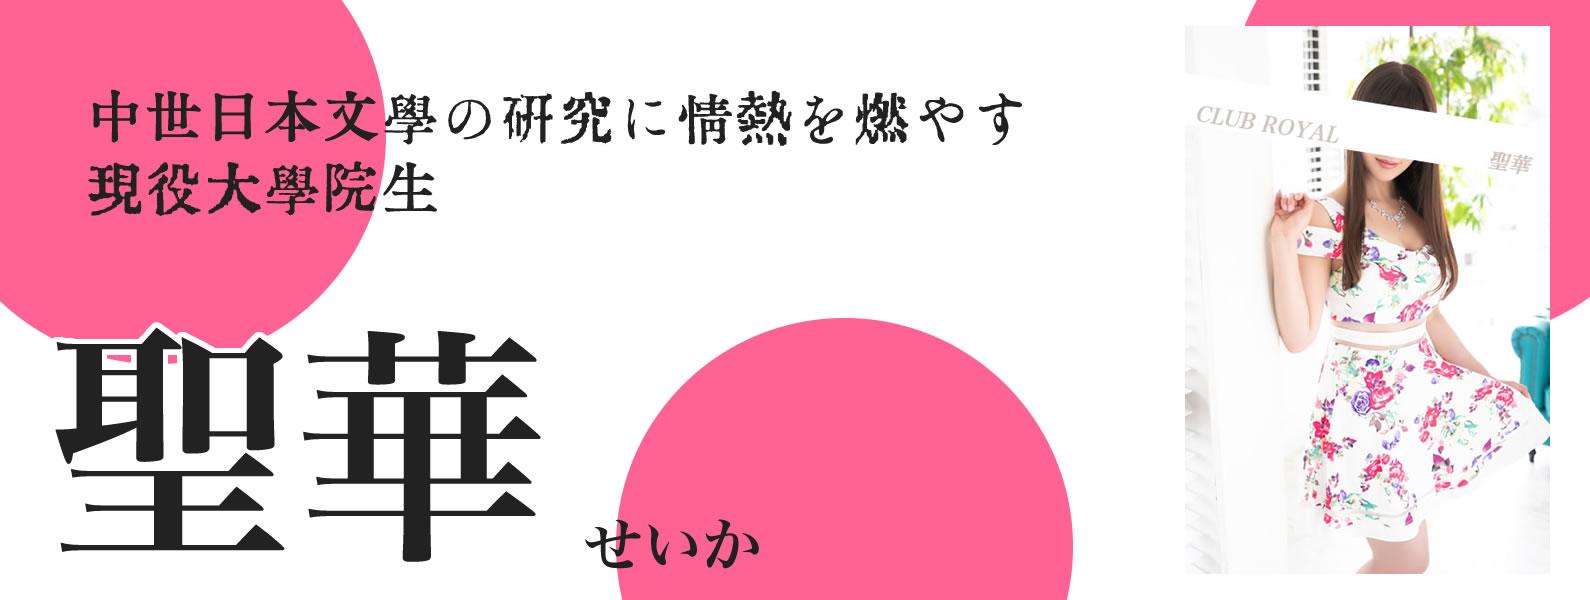 日本文学を専攻する現役大学院生! 聖華